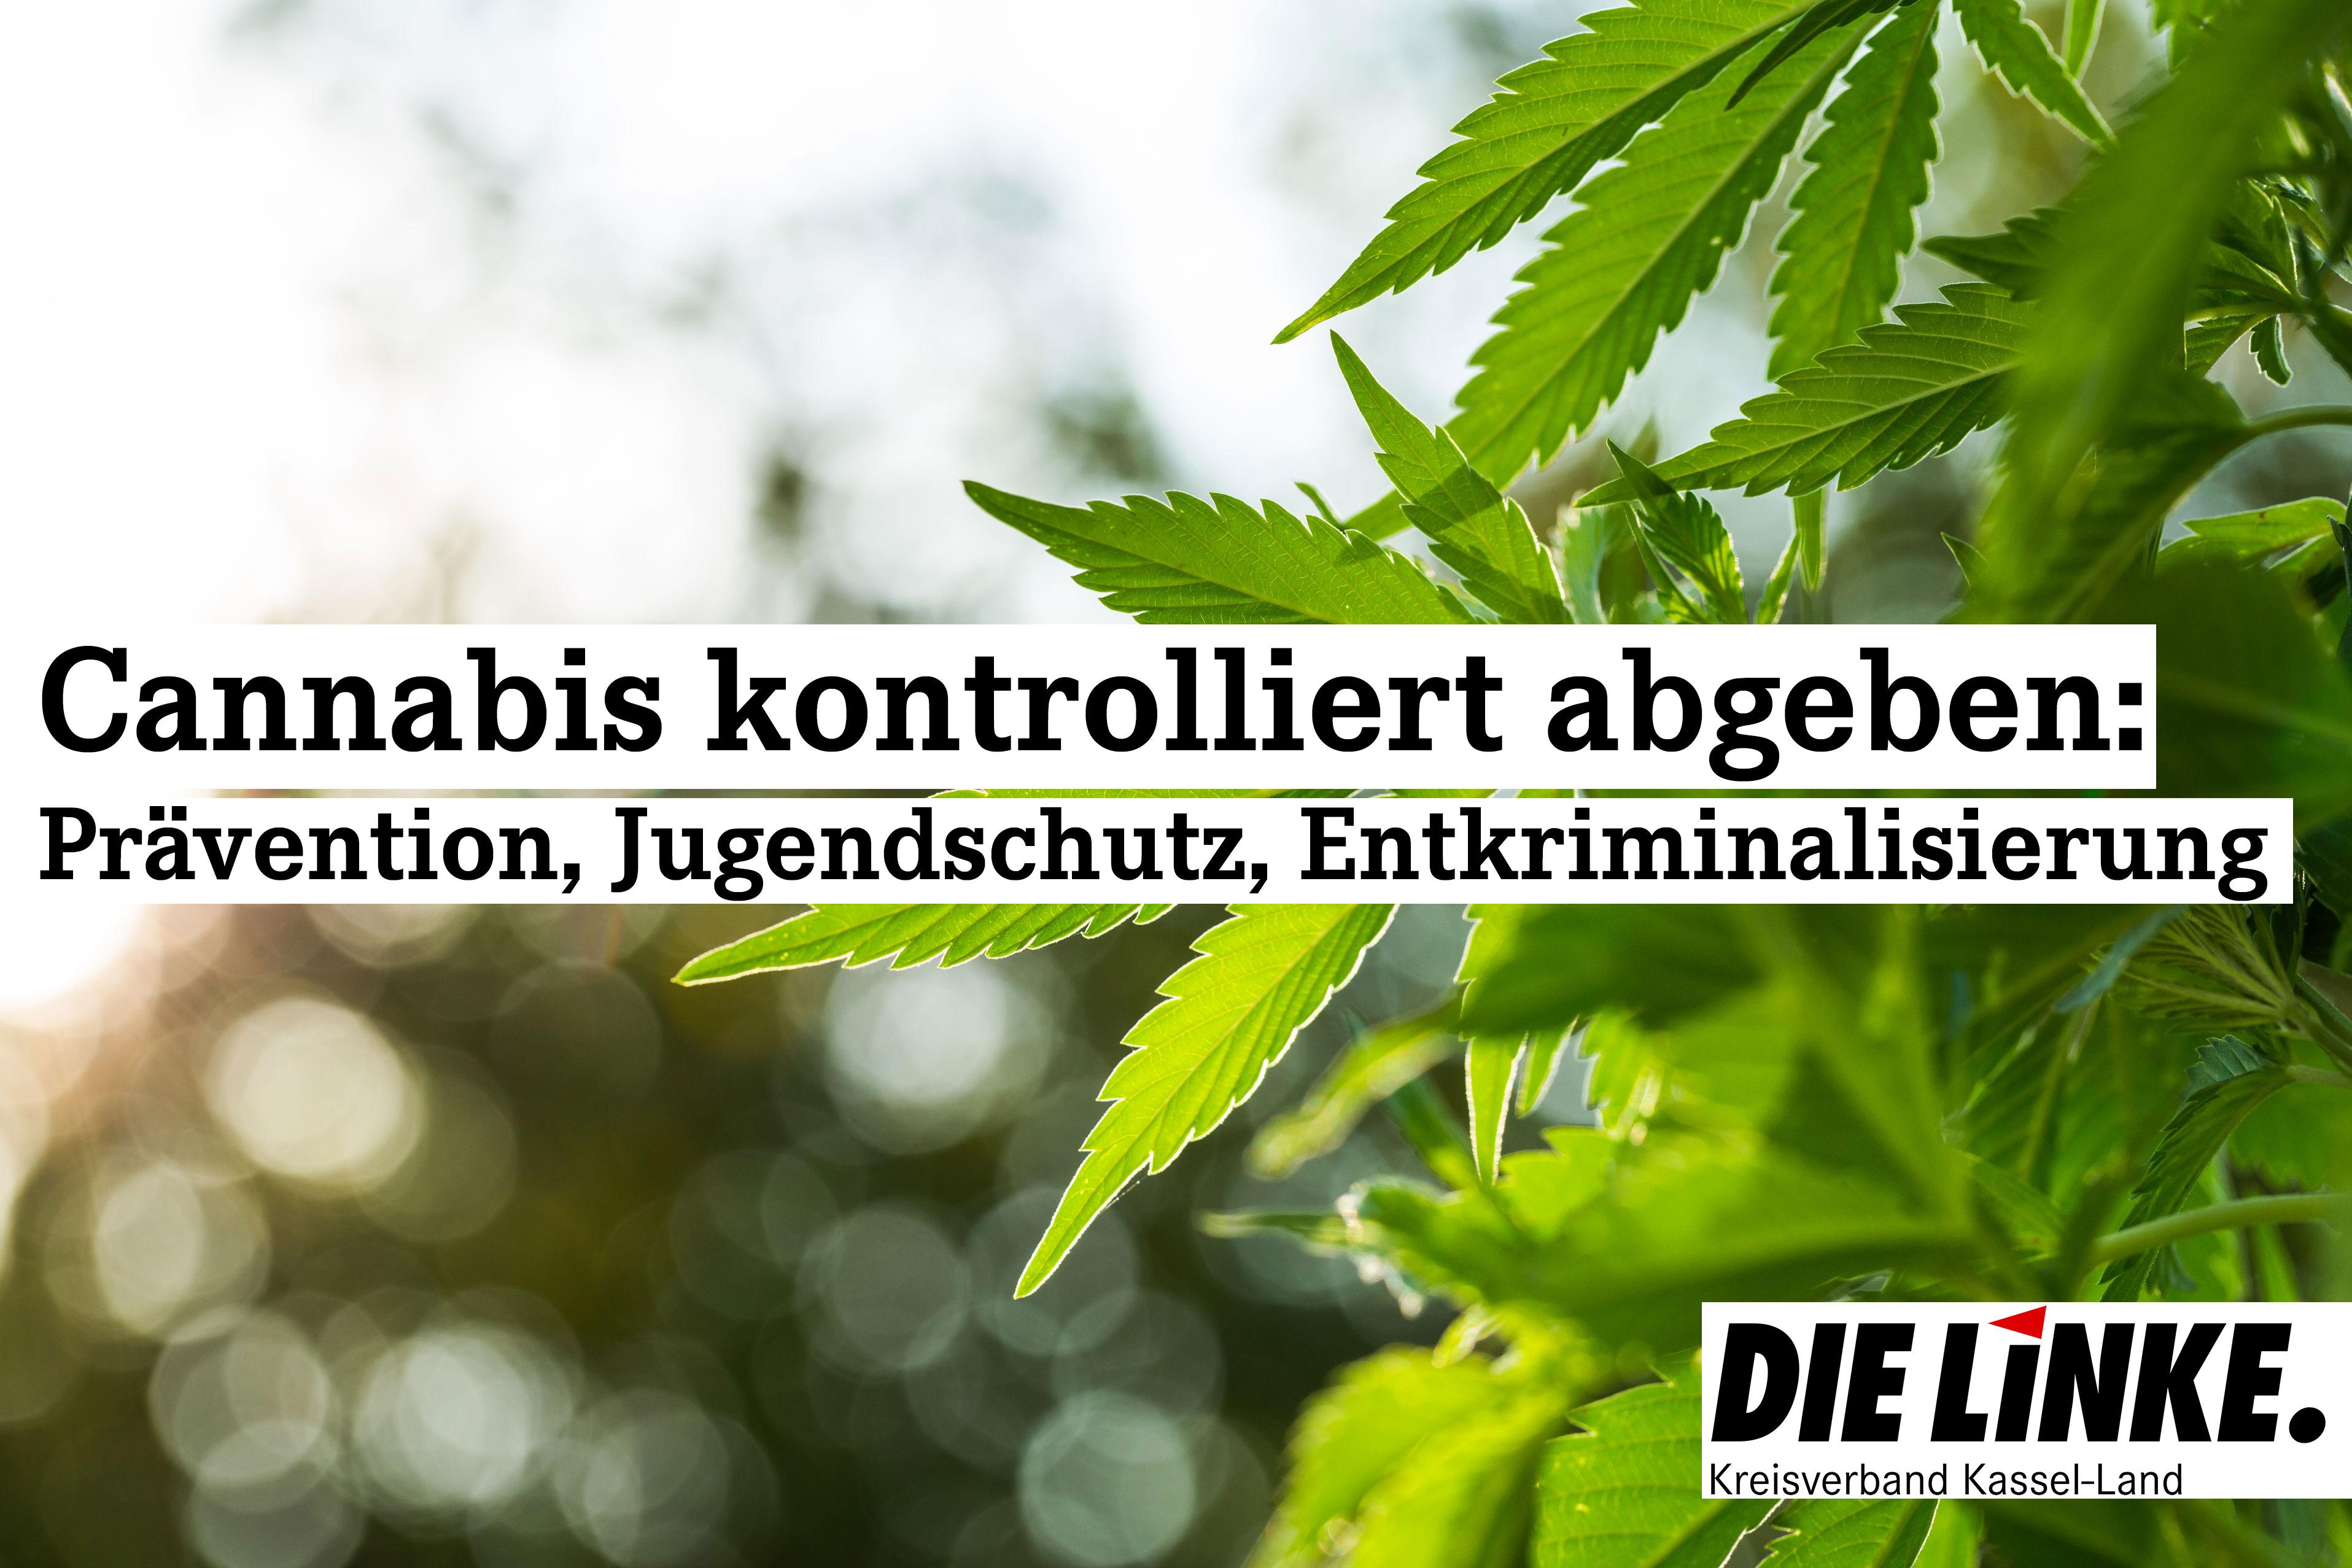 Cannabis: Legalisierung und Regulierung statt Kriminalisierung!